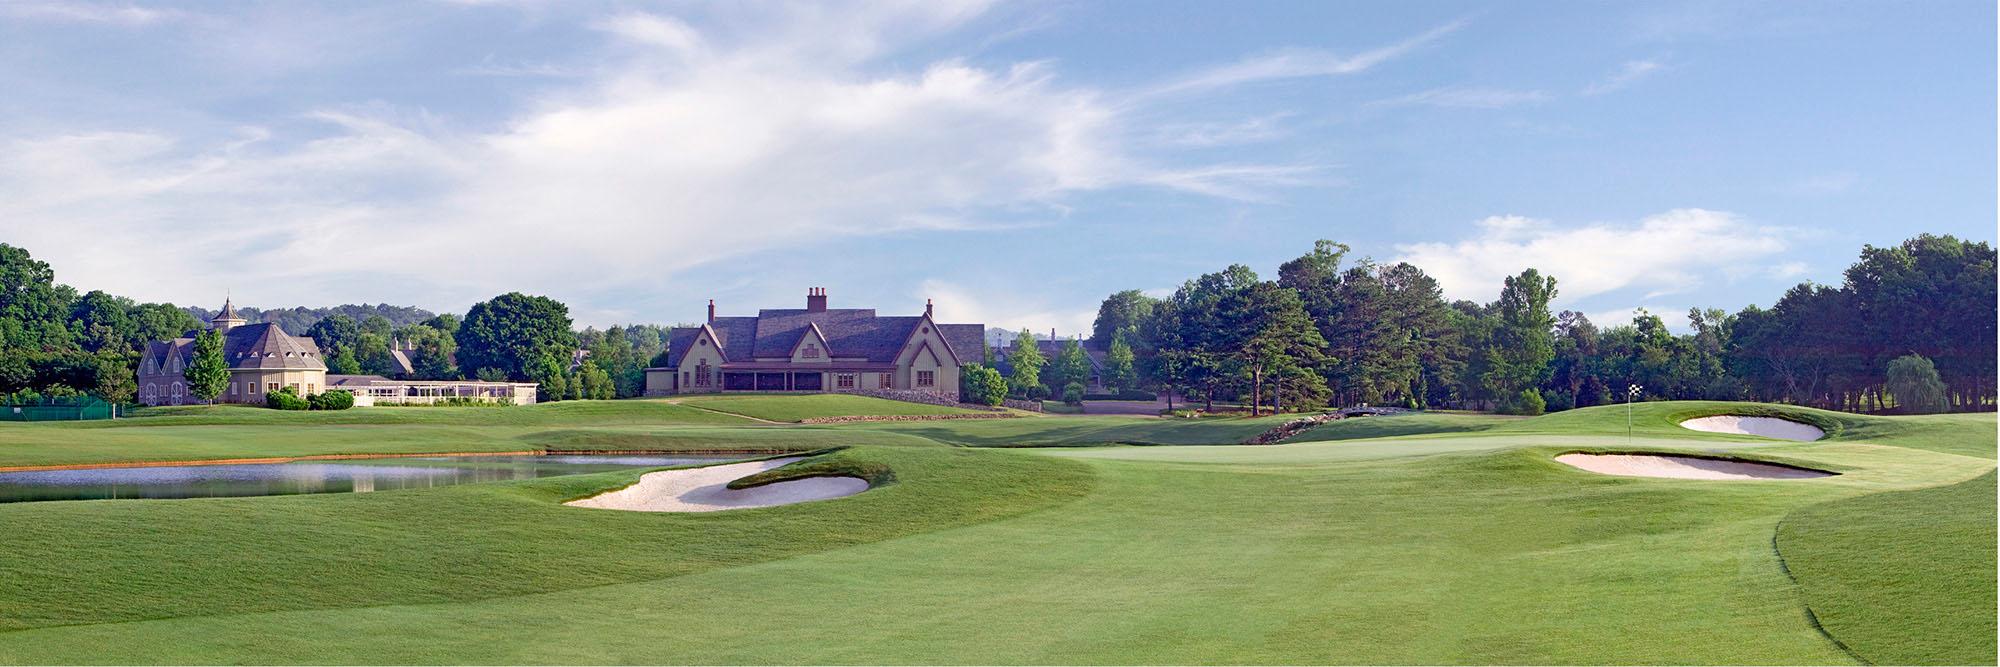 Golf Course Image - Barnsley Gardens No. 9